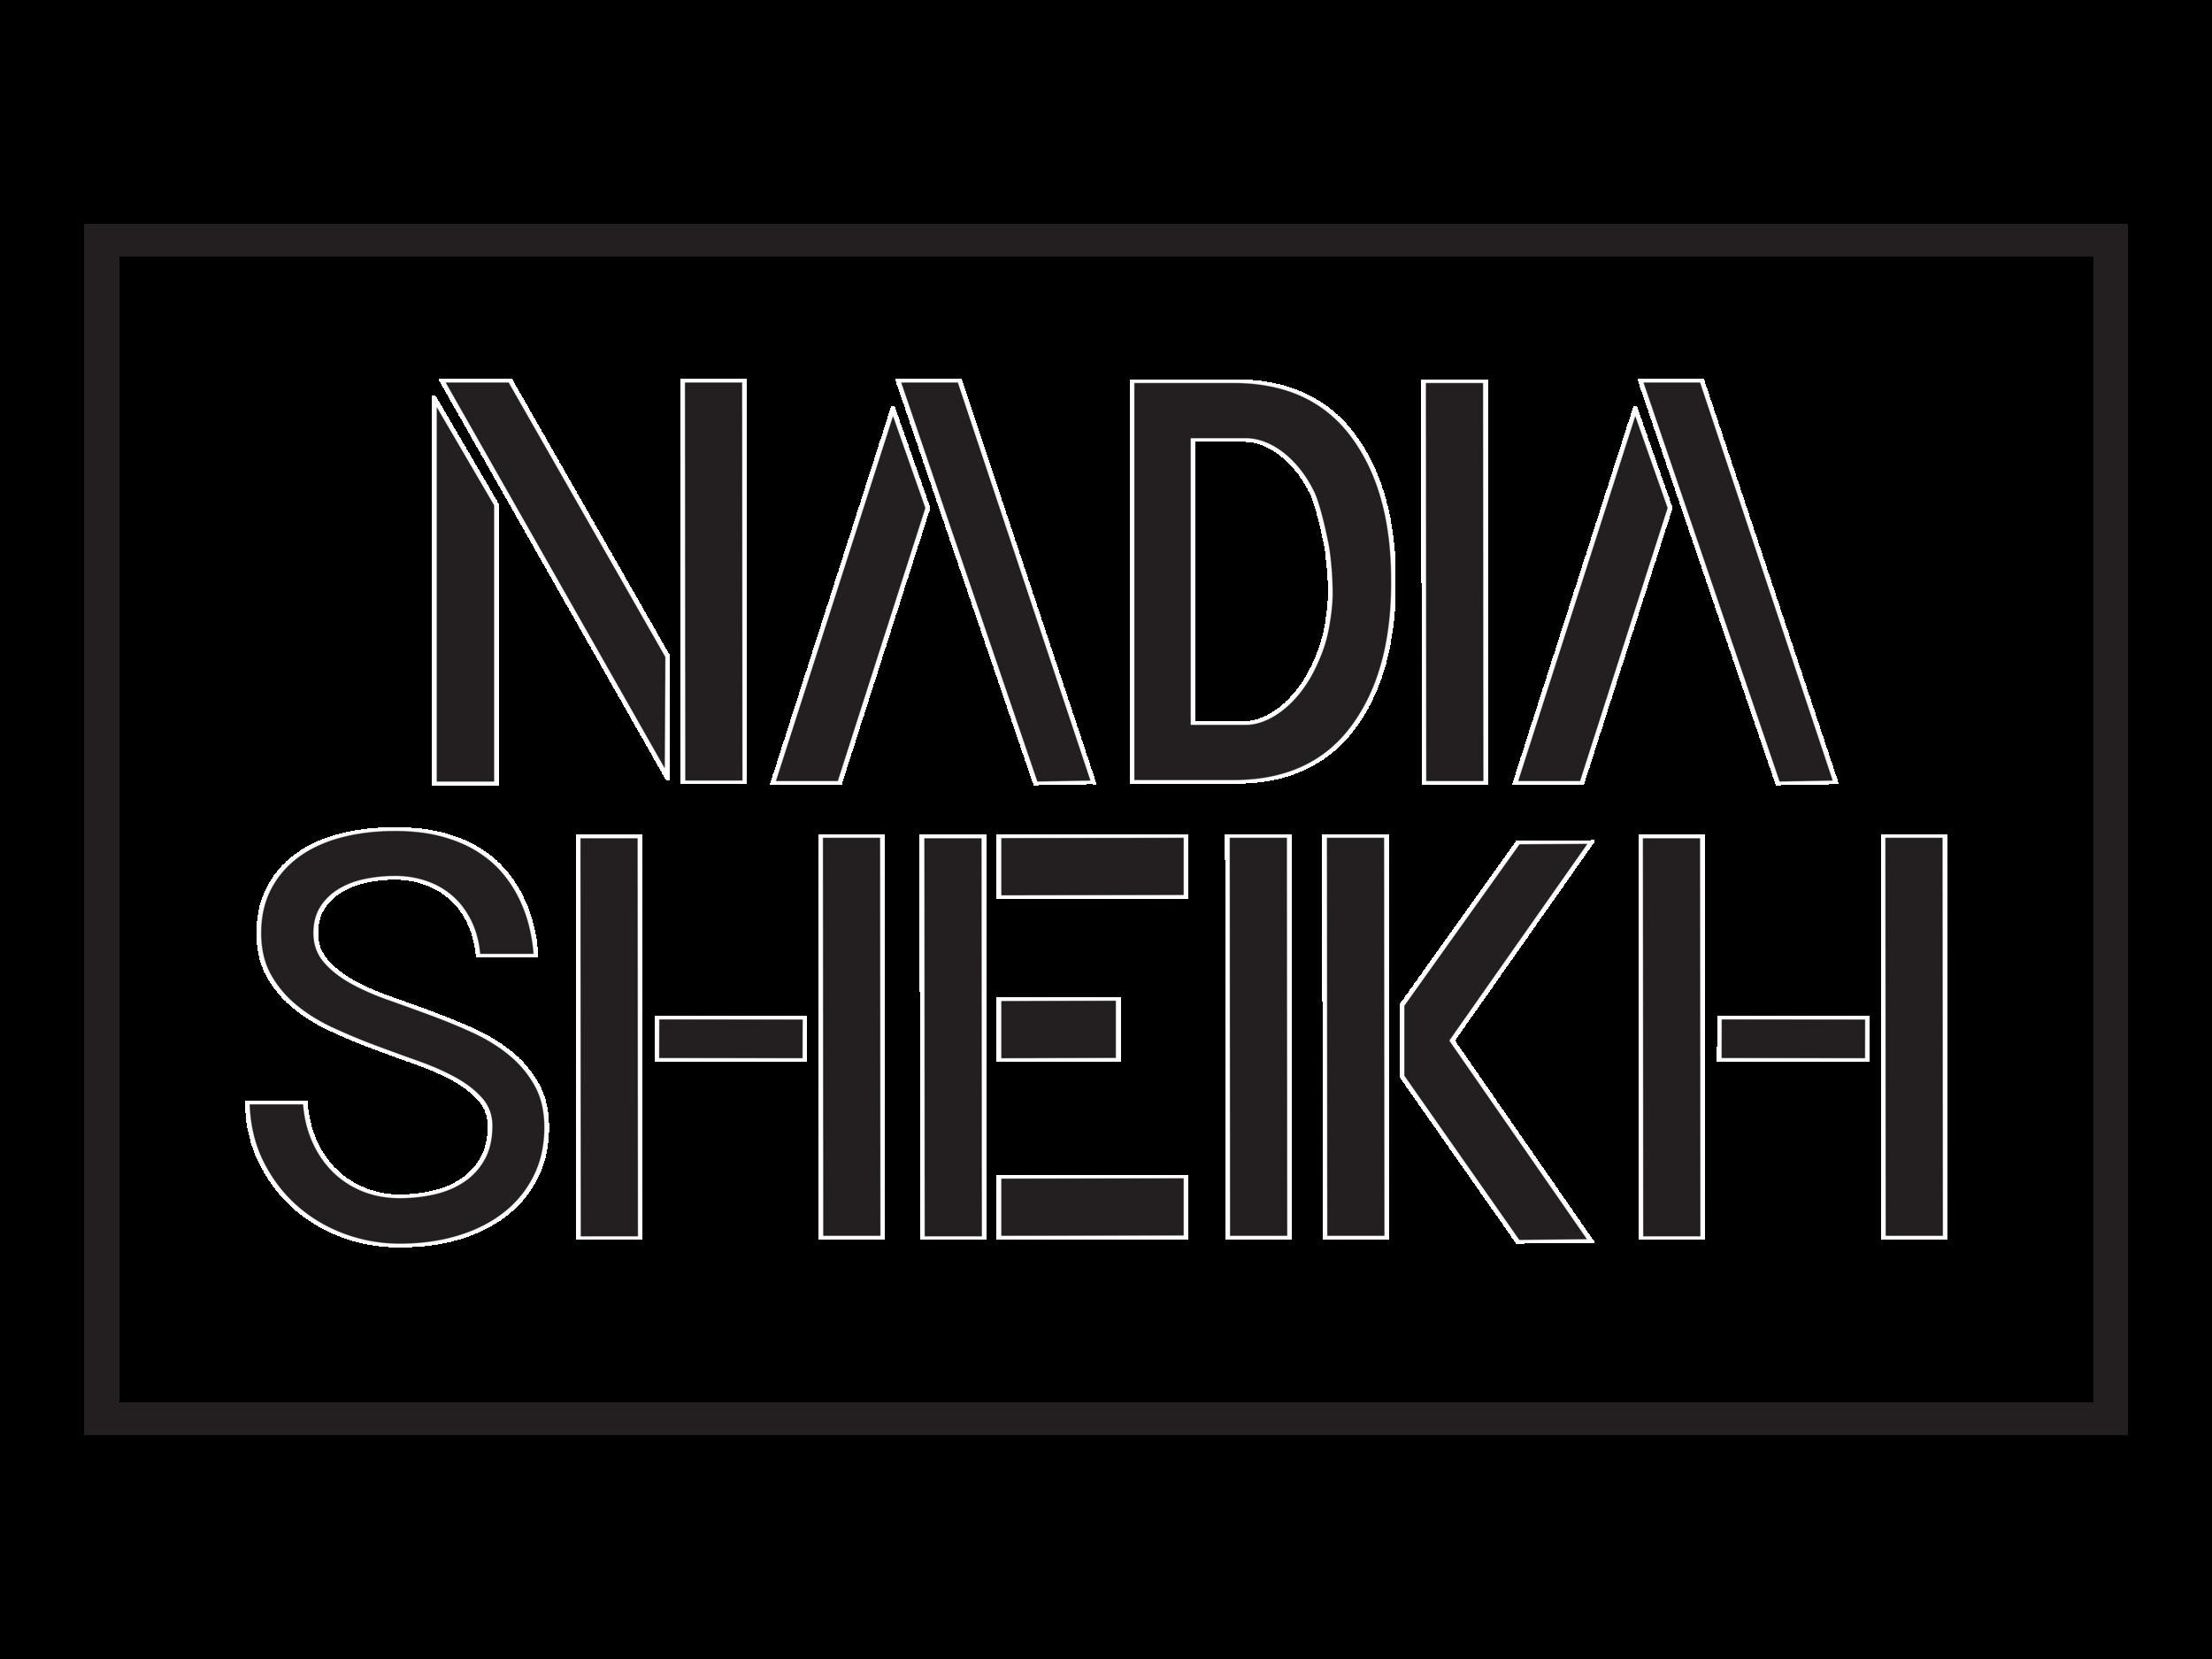 Nadia Sheikh Logo Black